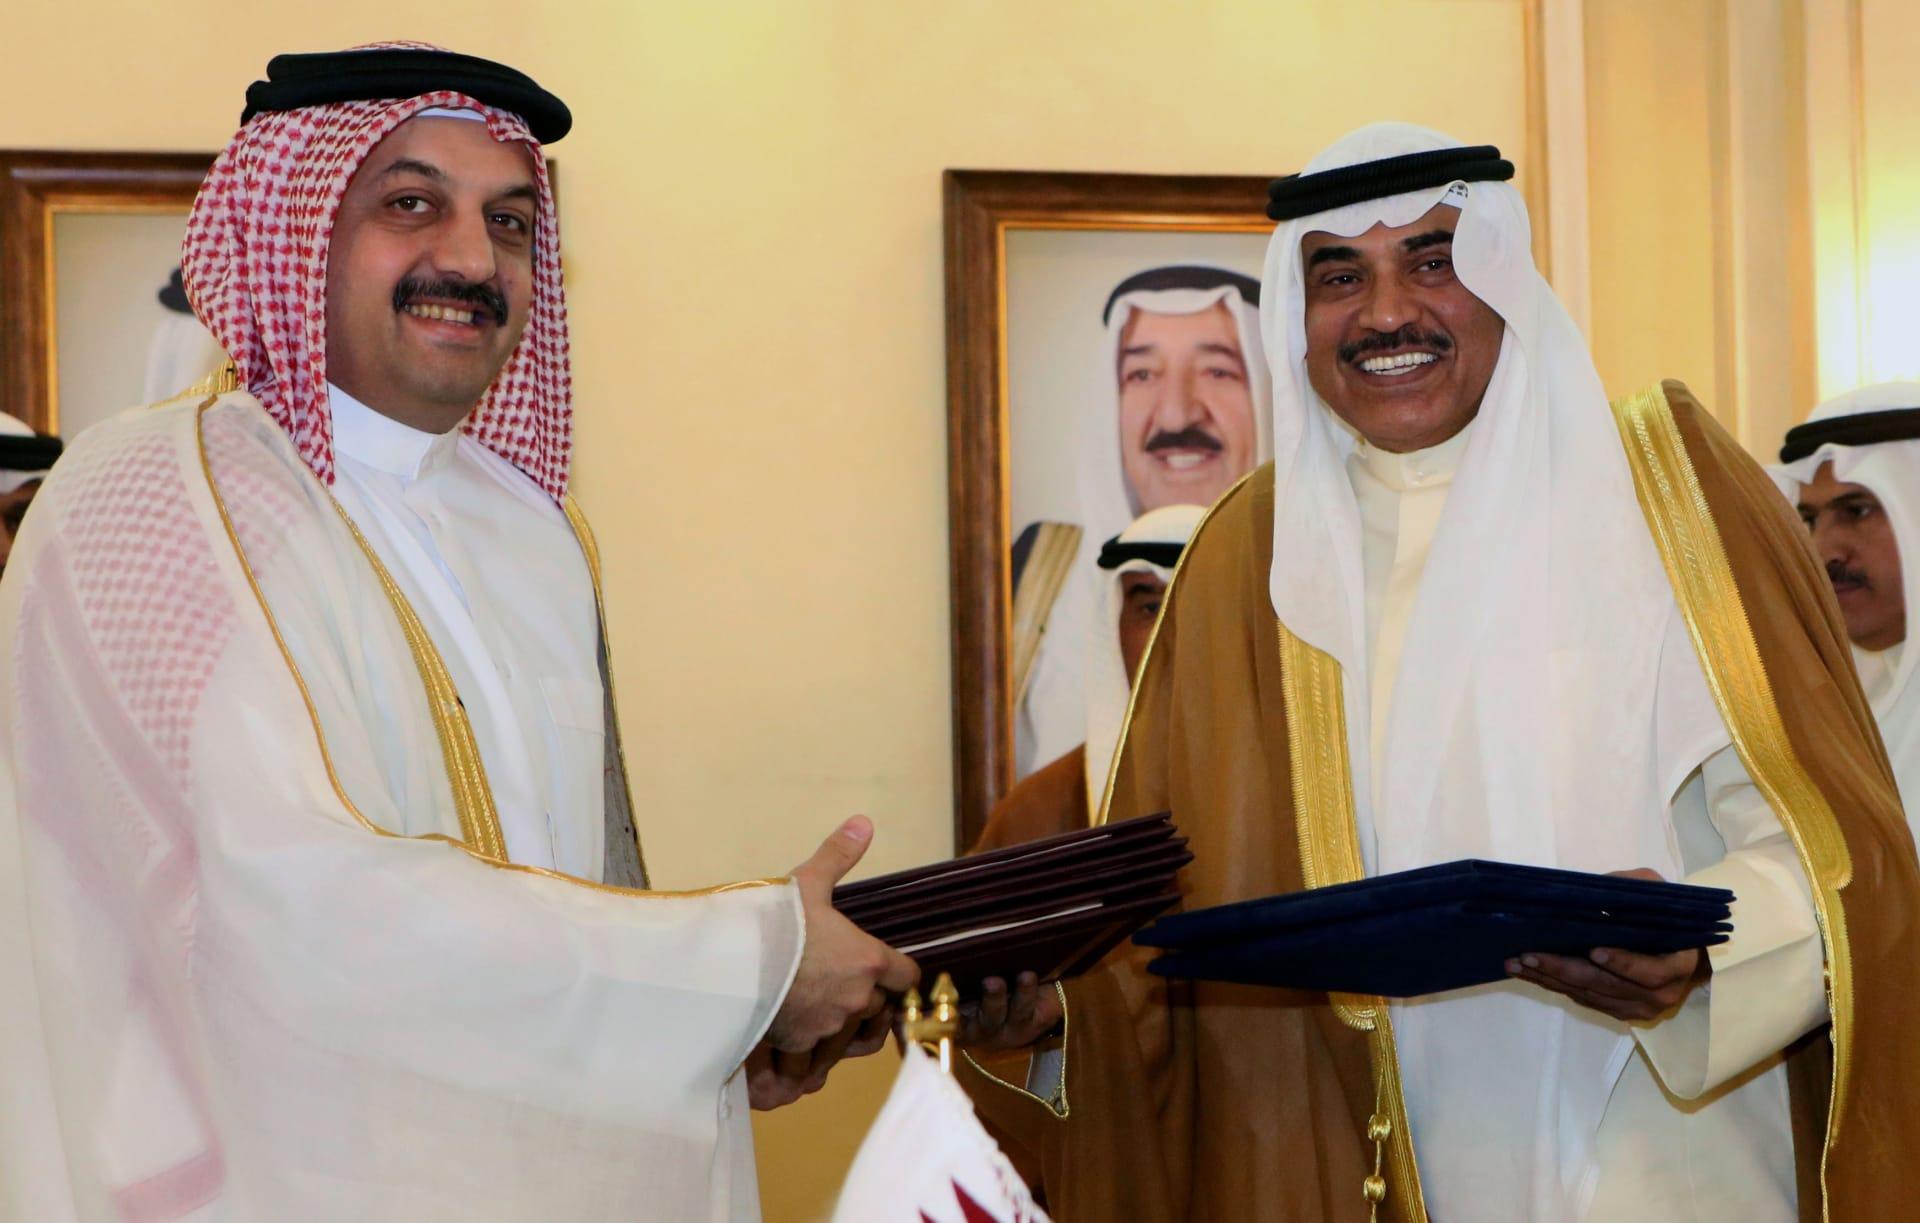 قطر والكويت تنضم للسعودية والإمارات والبحرين بطلب مغادرة رعاياهما لبنان